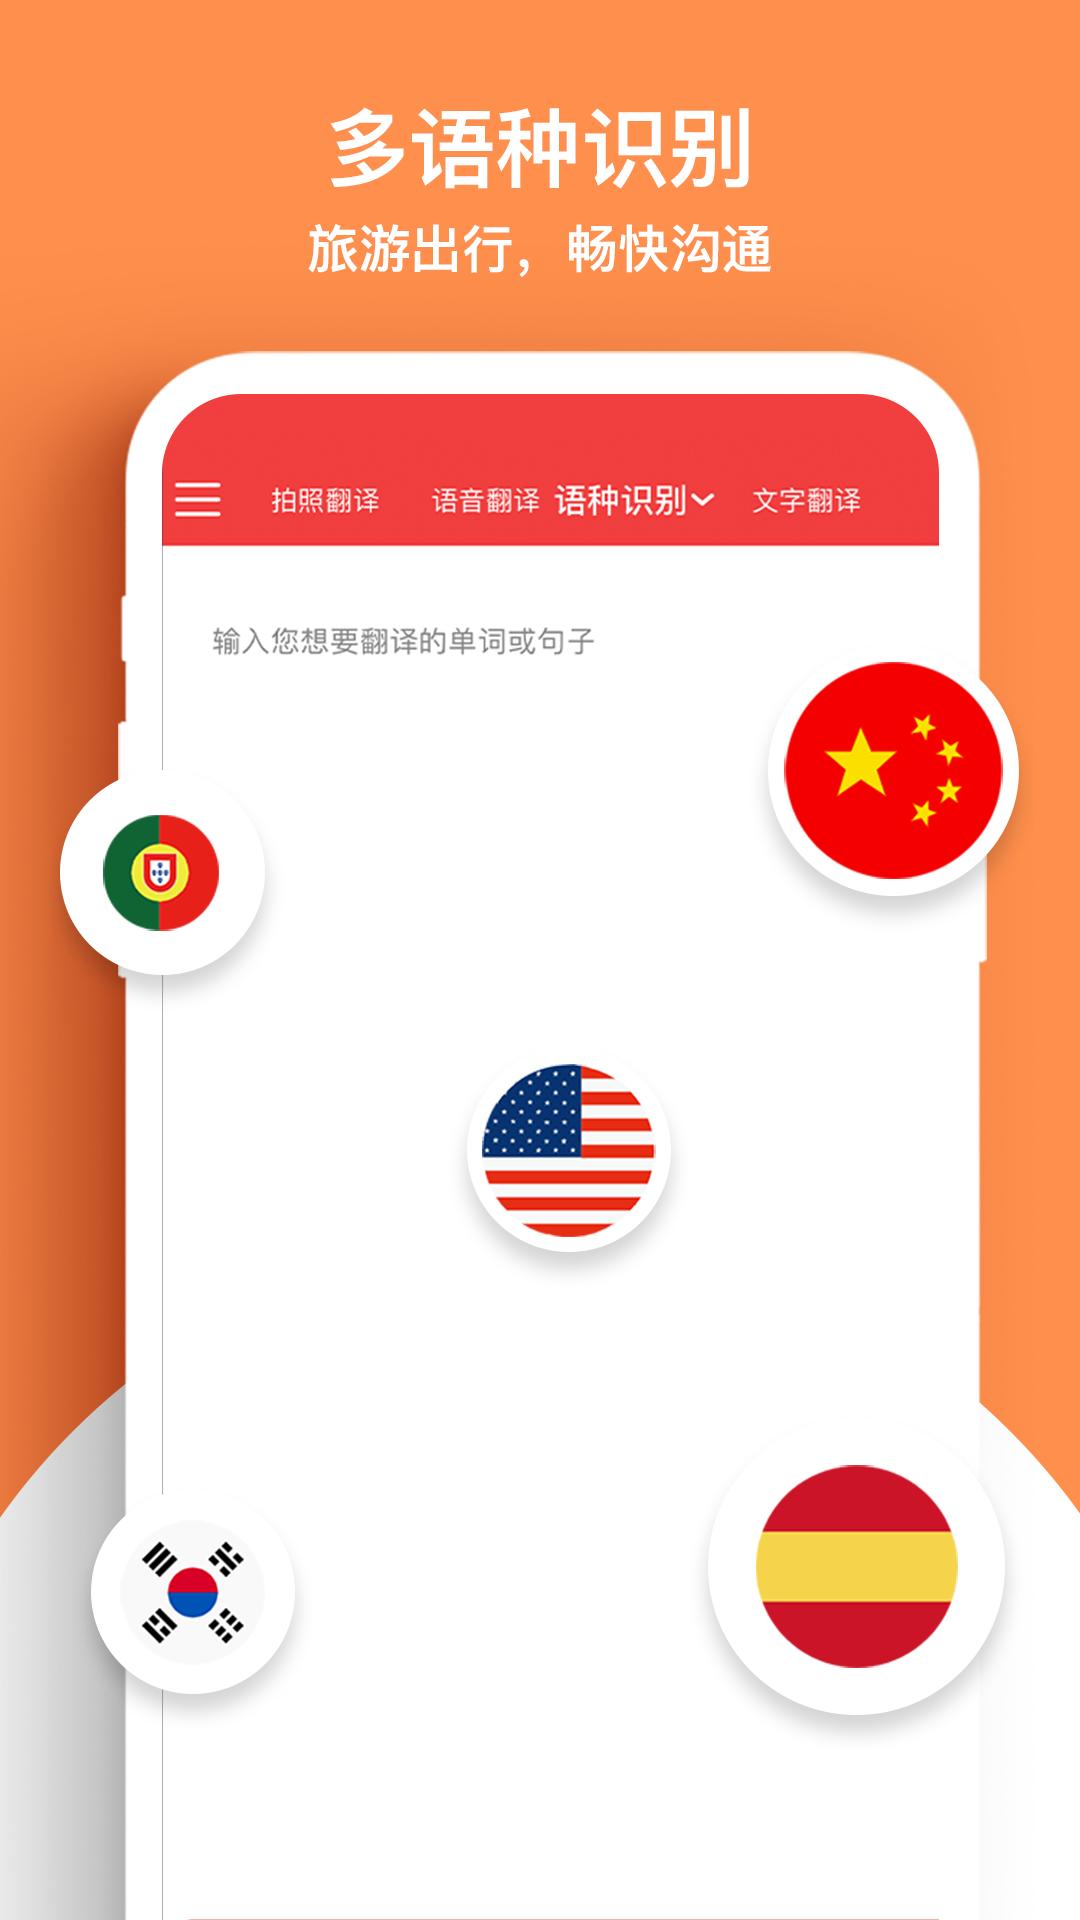 辰星拍照翻译app专业版1.0最新版截图0